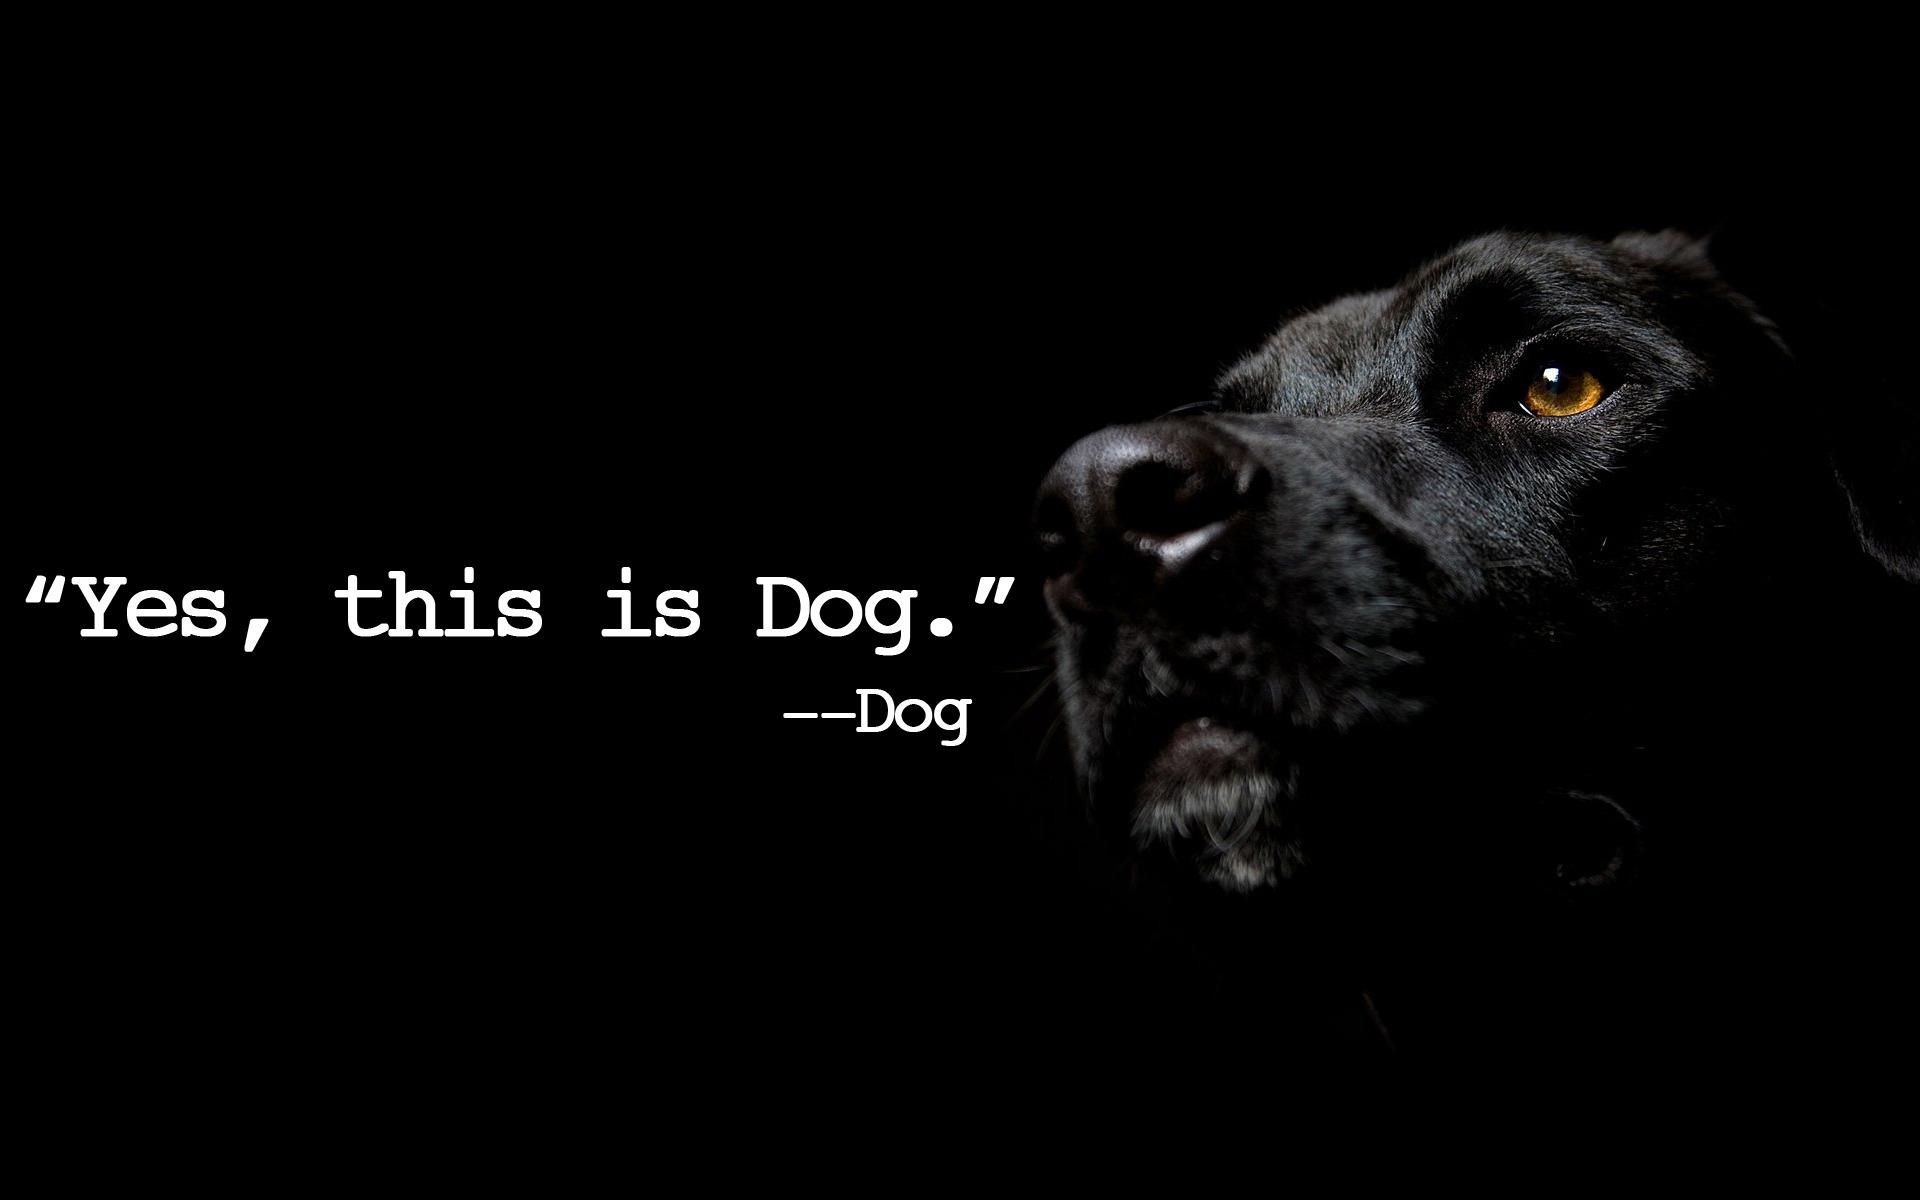 Fall Wallpaper With Dogs Meme Backgrounds Hd Pixelstalk Net